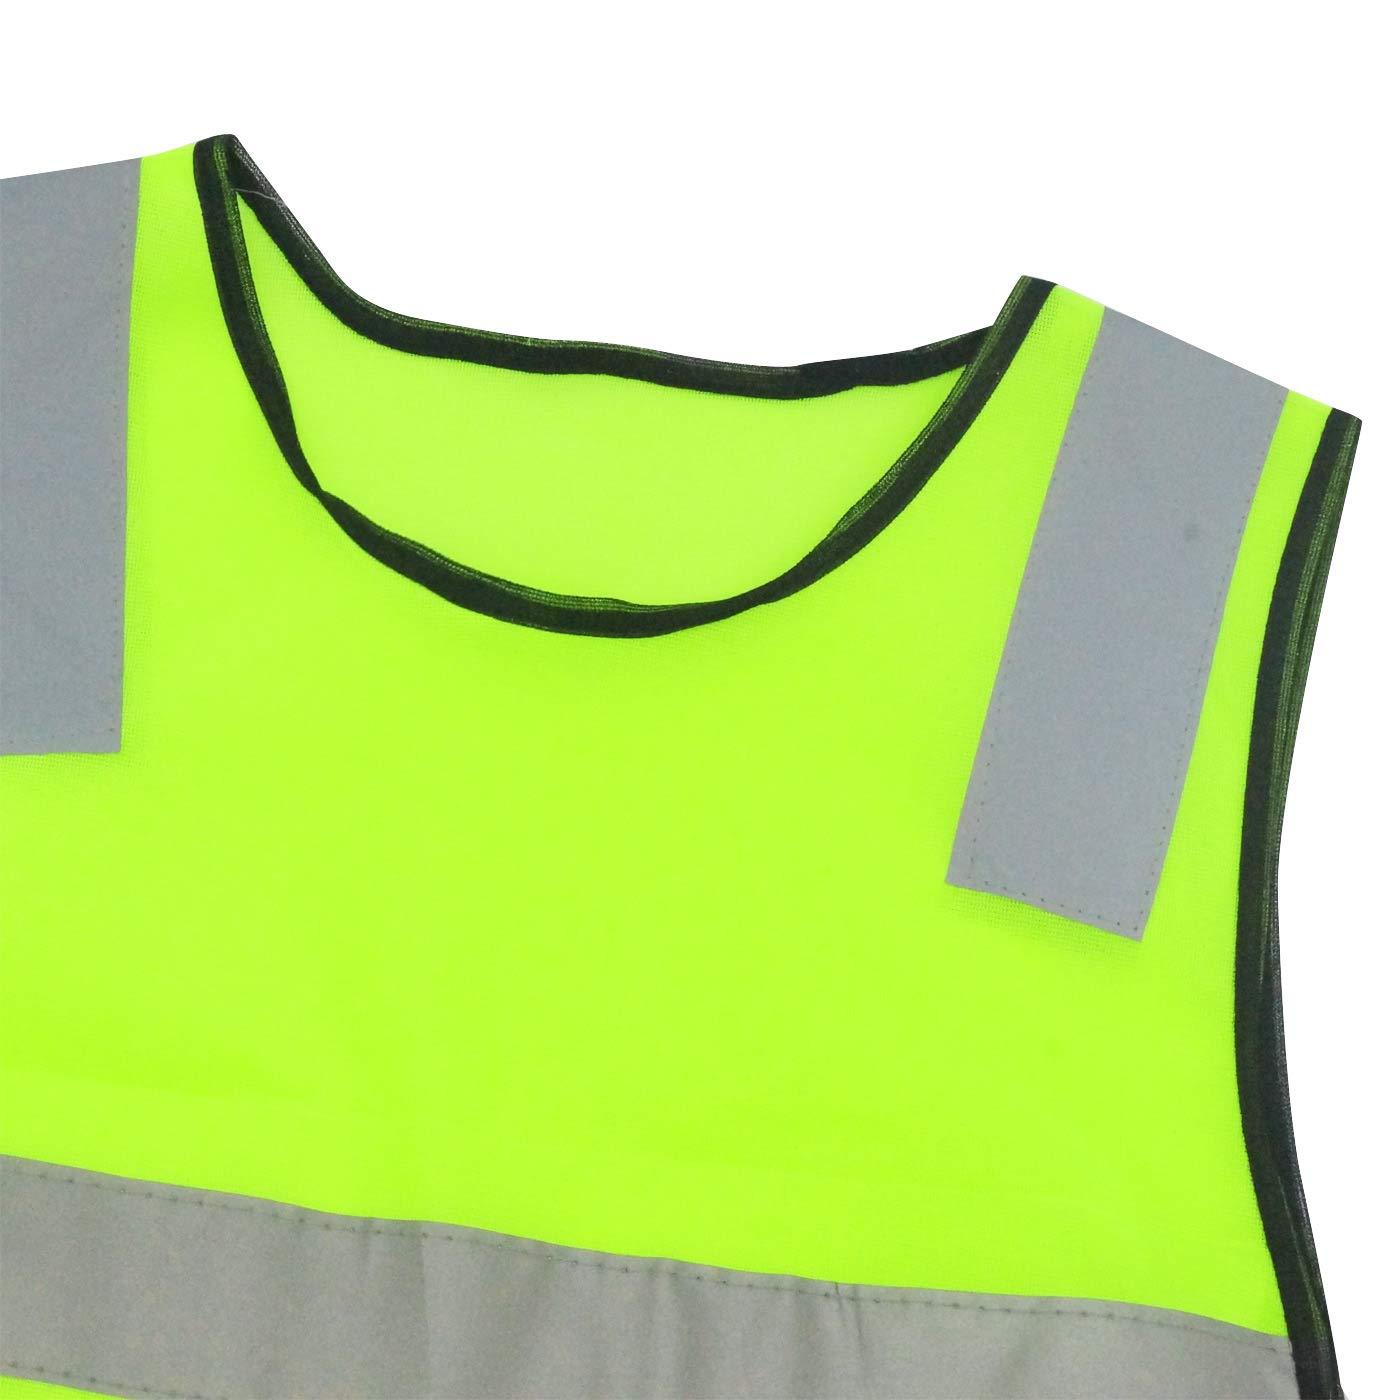 AIEOE 15 St/ück Kinder Sicherheitsweste Hohe Sichtbarkeit Reflektierende Westen Klettverschluss Warnwesten f/ür Laufen Radfahren Joggen